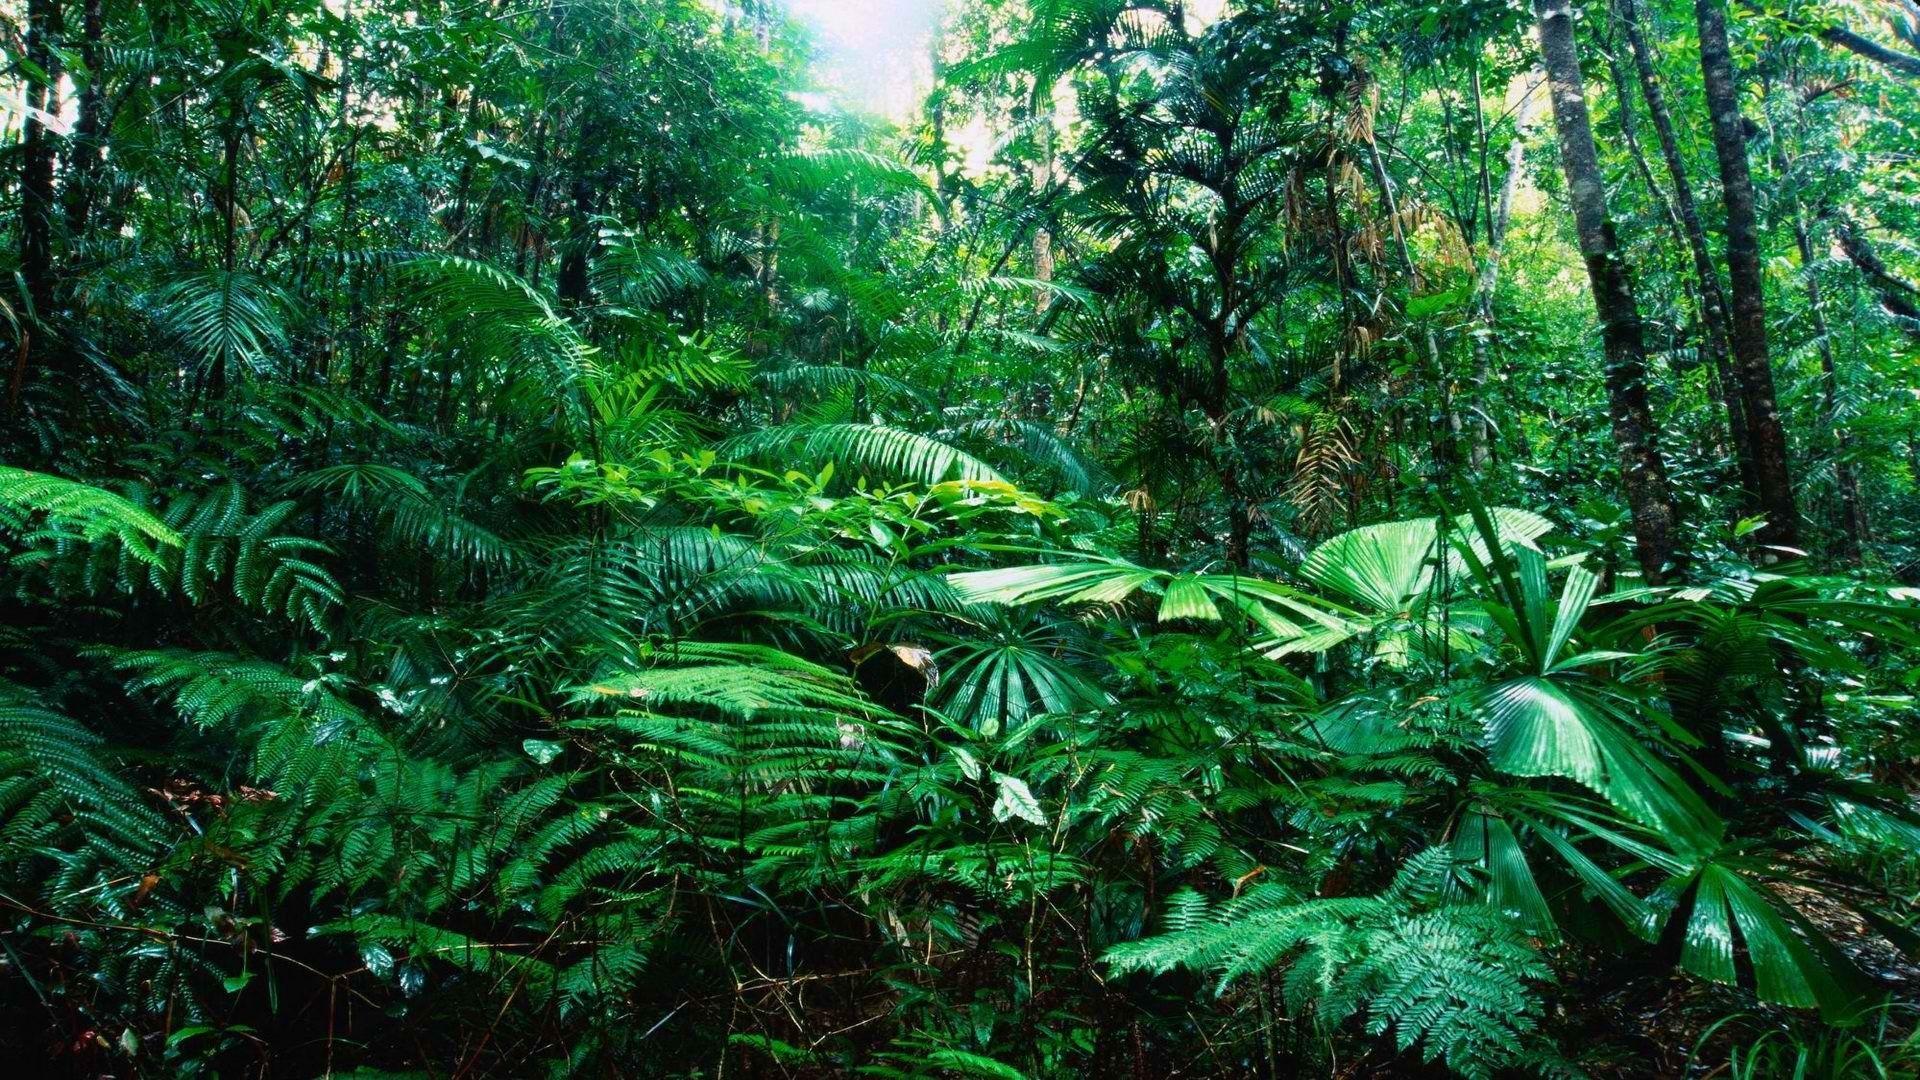 Tropical Rainforest Wallpaper 990284 Rainforest Pictures Tropical Rainforest Jungle Wallpaper